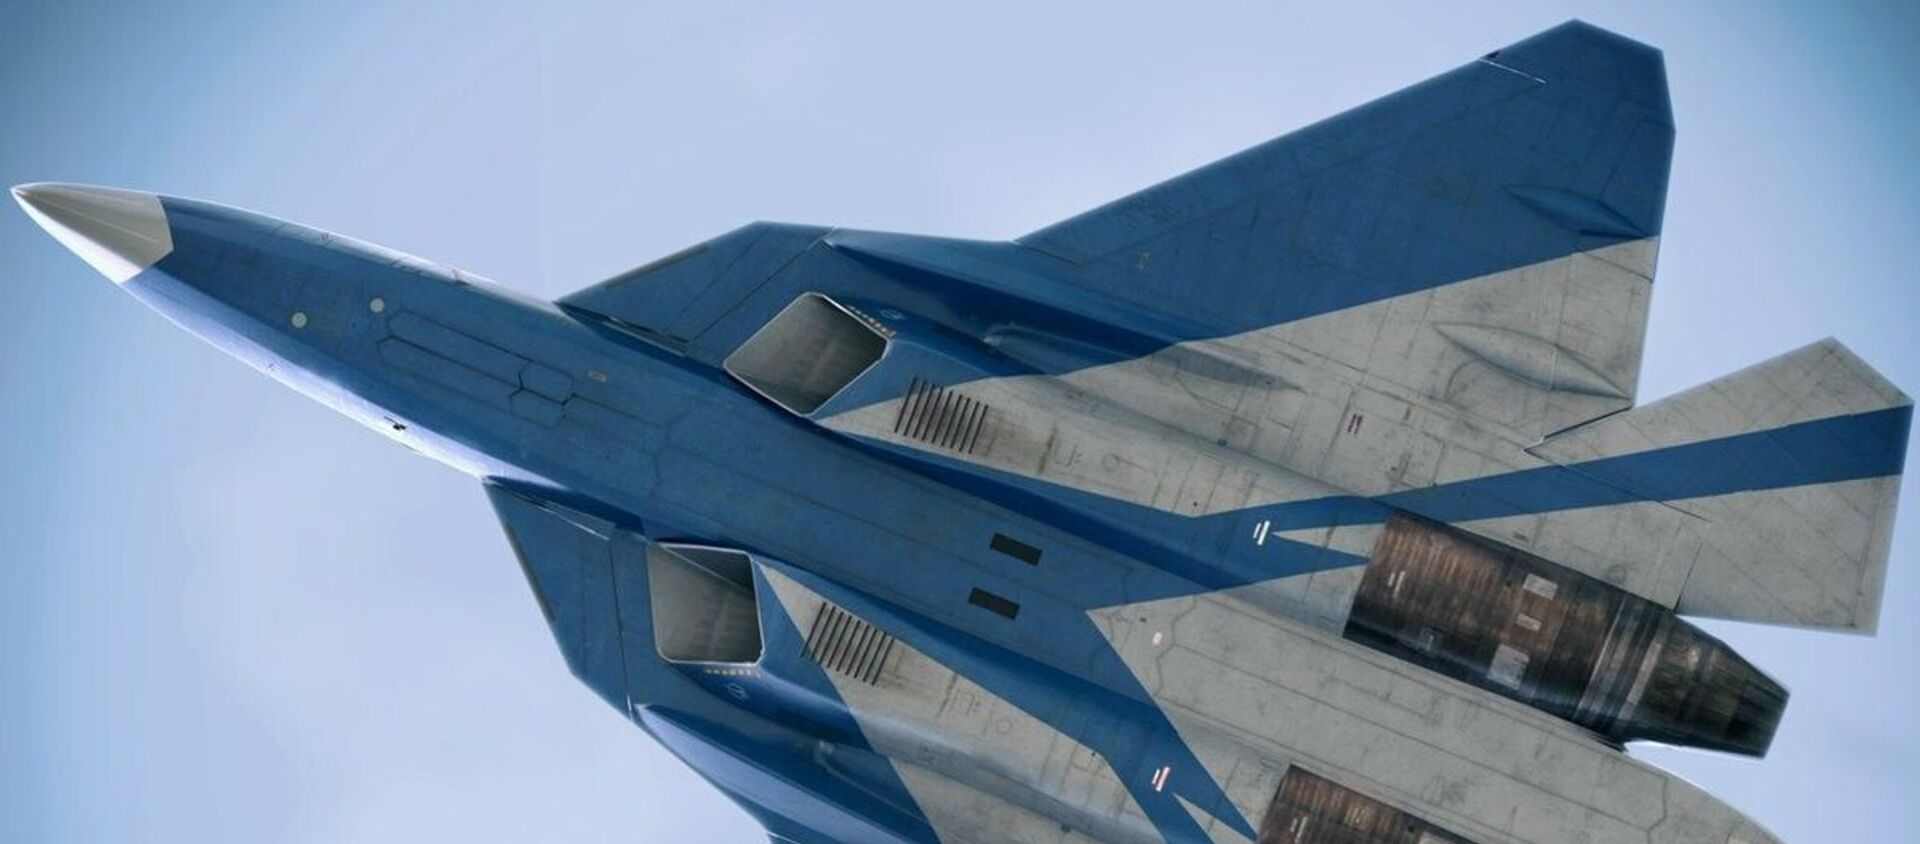 Máy bay chiến đấu thế hệ thứ năm Su-57 - Sputnik Việt Nam, 1920, 21.04.2021